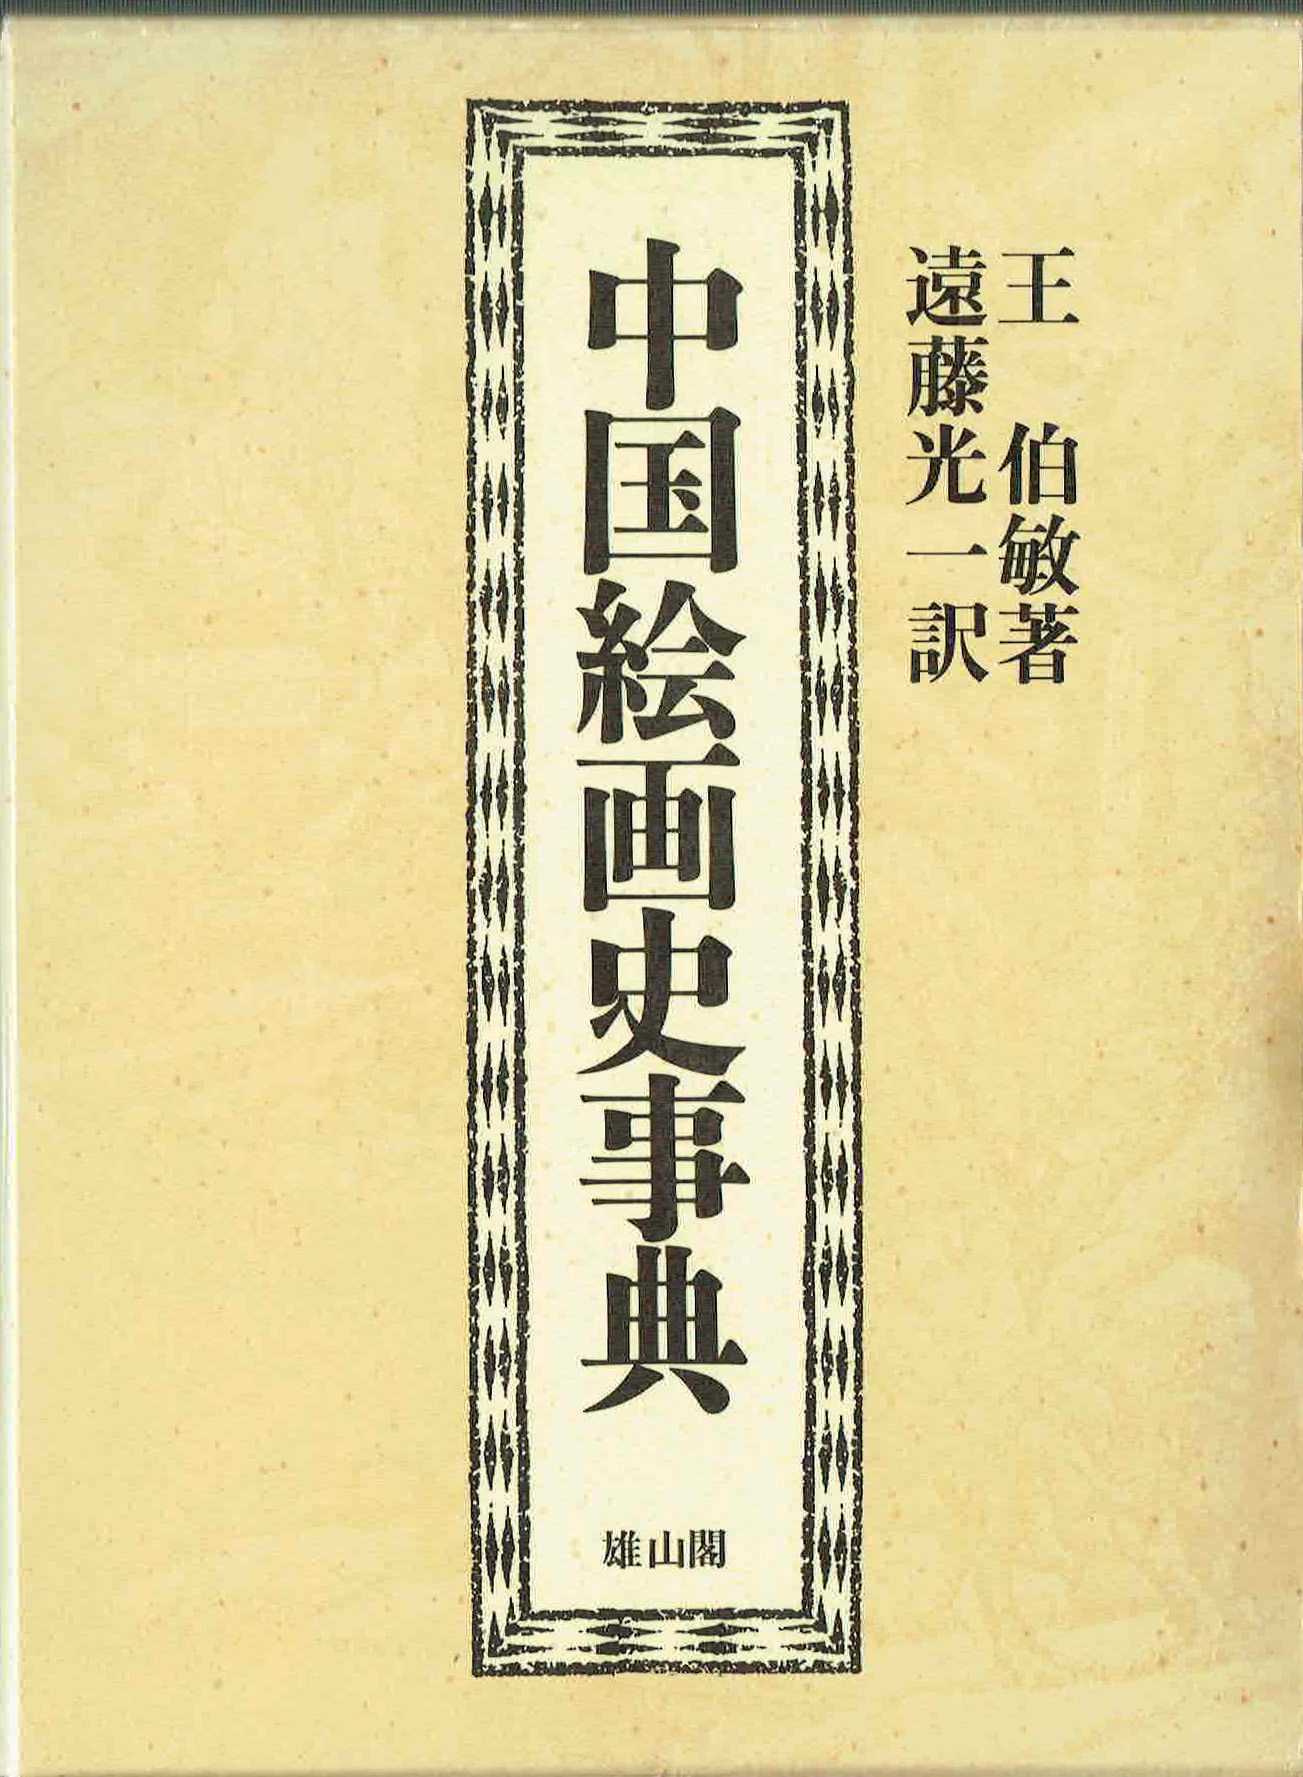 中国美術の古書買取なら黒崎書店